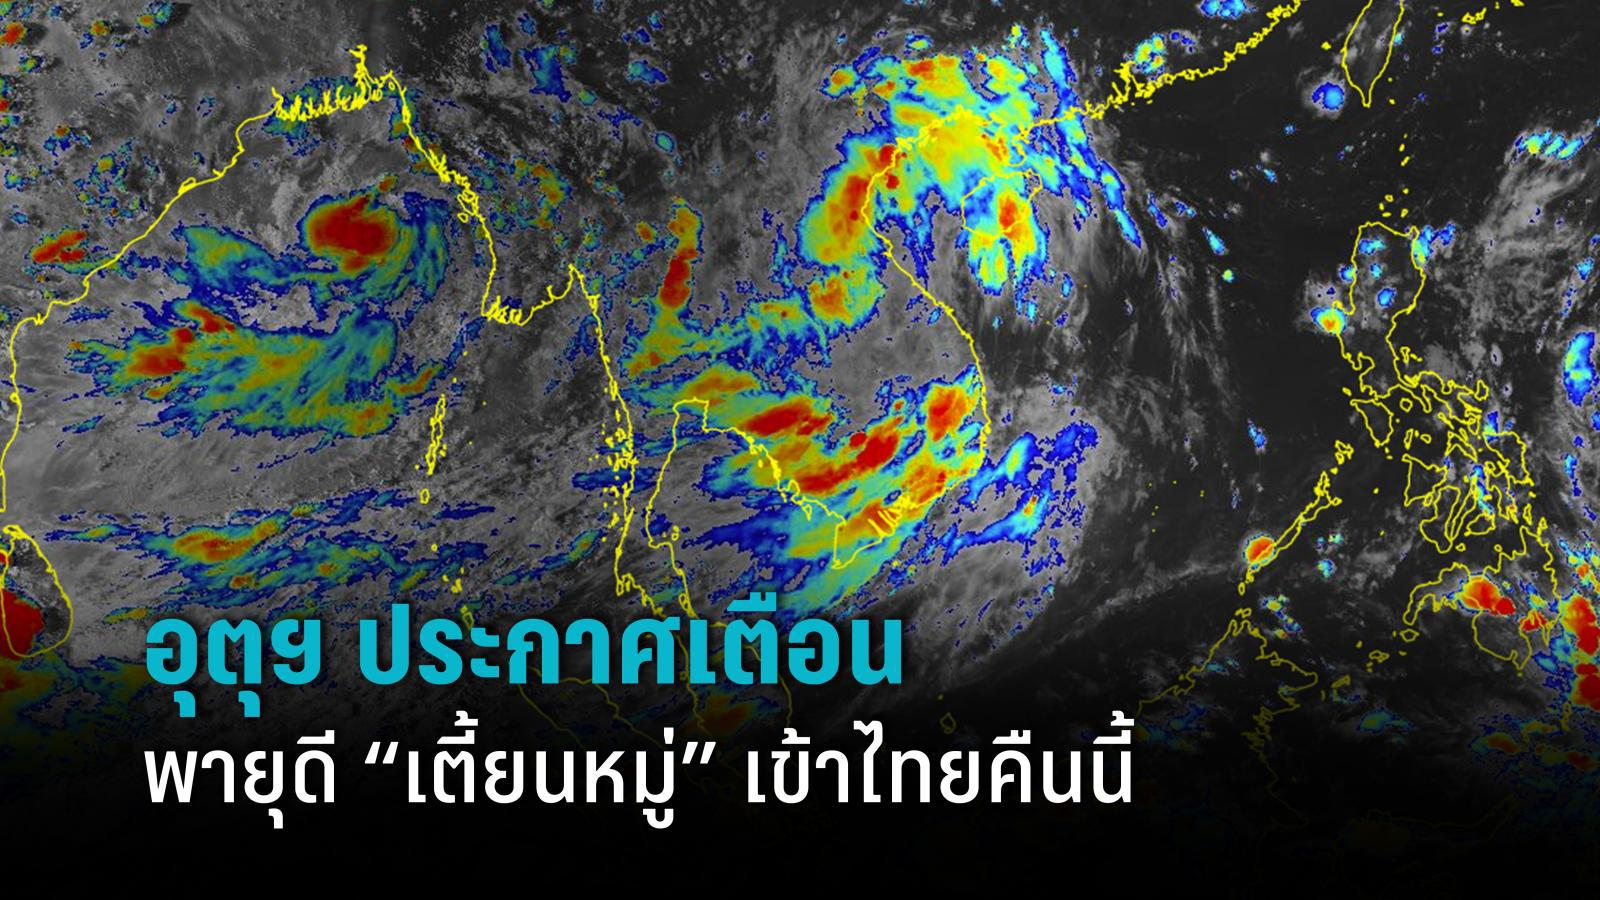 """อุตุฯ เตือน พายุดีเปรสชัน """"เตี้ยนหมู่"""" เข้าไทยคืนนี้ จ.มุกดาหาร โดนก่อน ฝนตกหนักหลายจังหวัด"""